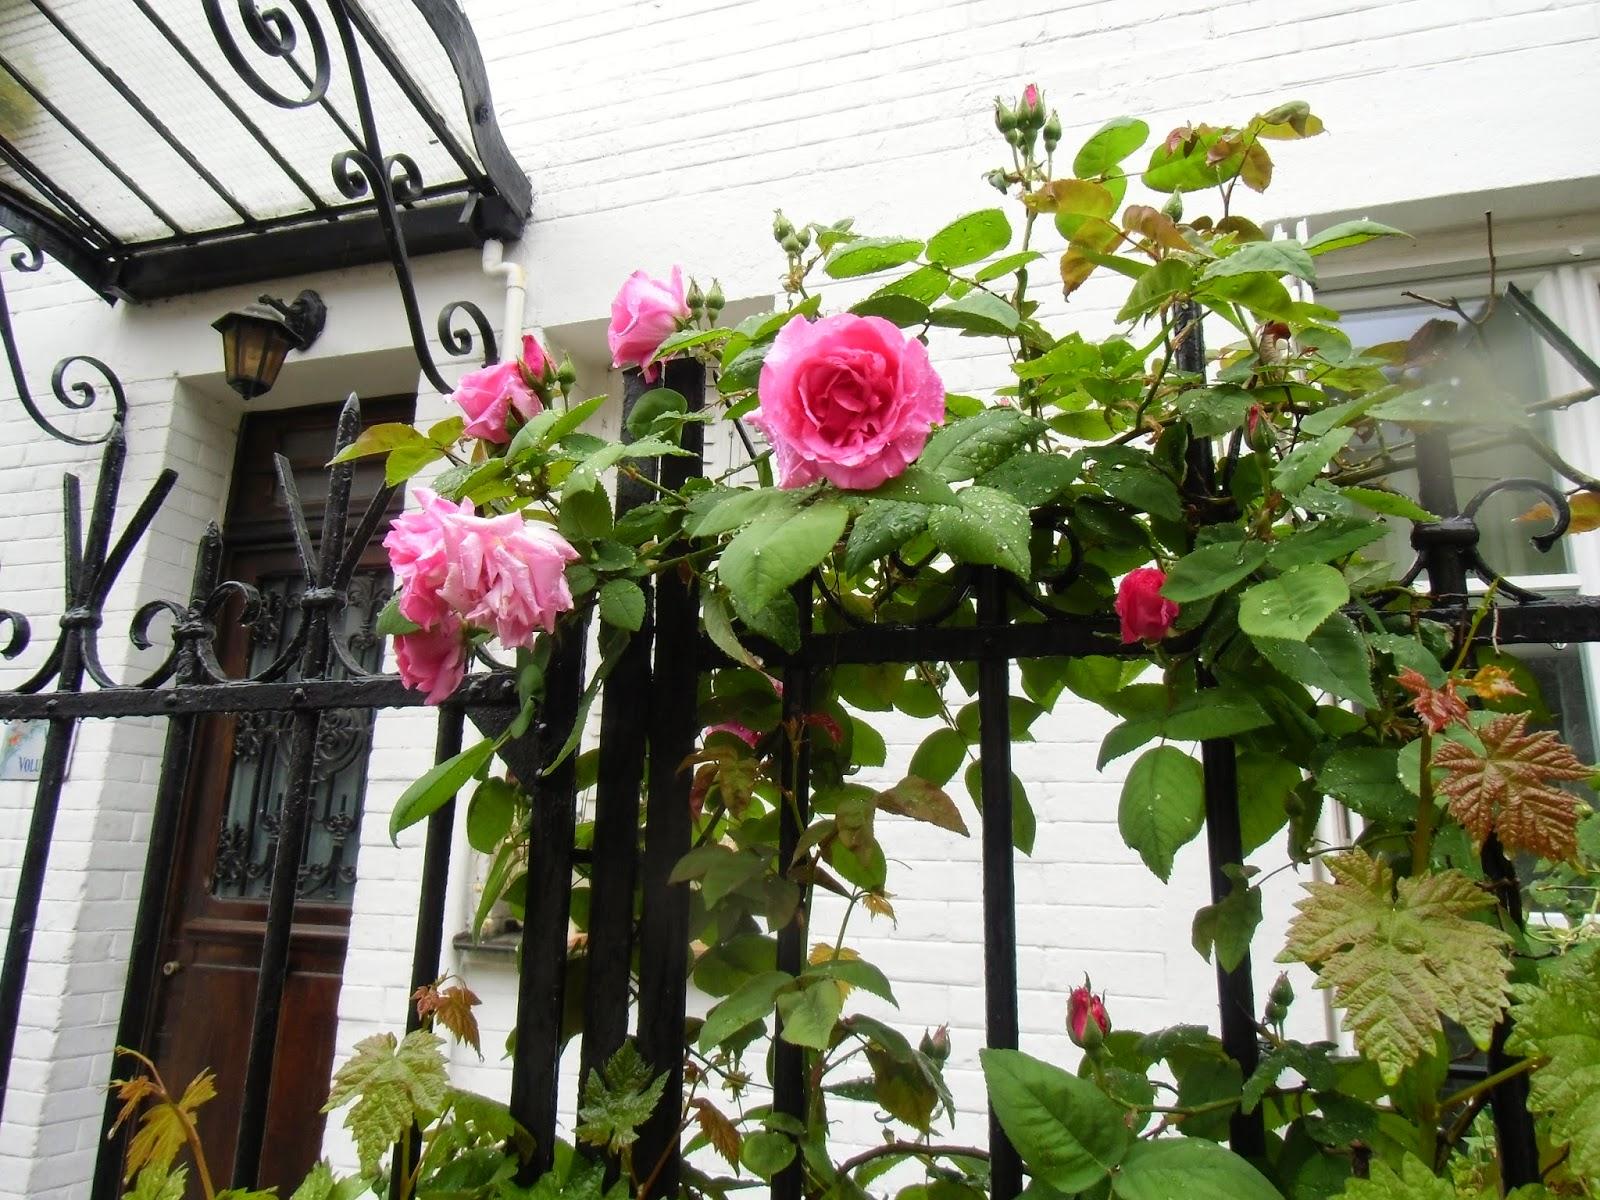 La rte le p re d 39 ulysse la cite florale paris for Plante ulysse